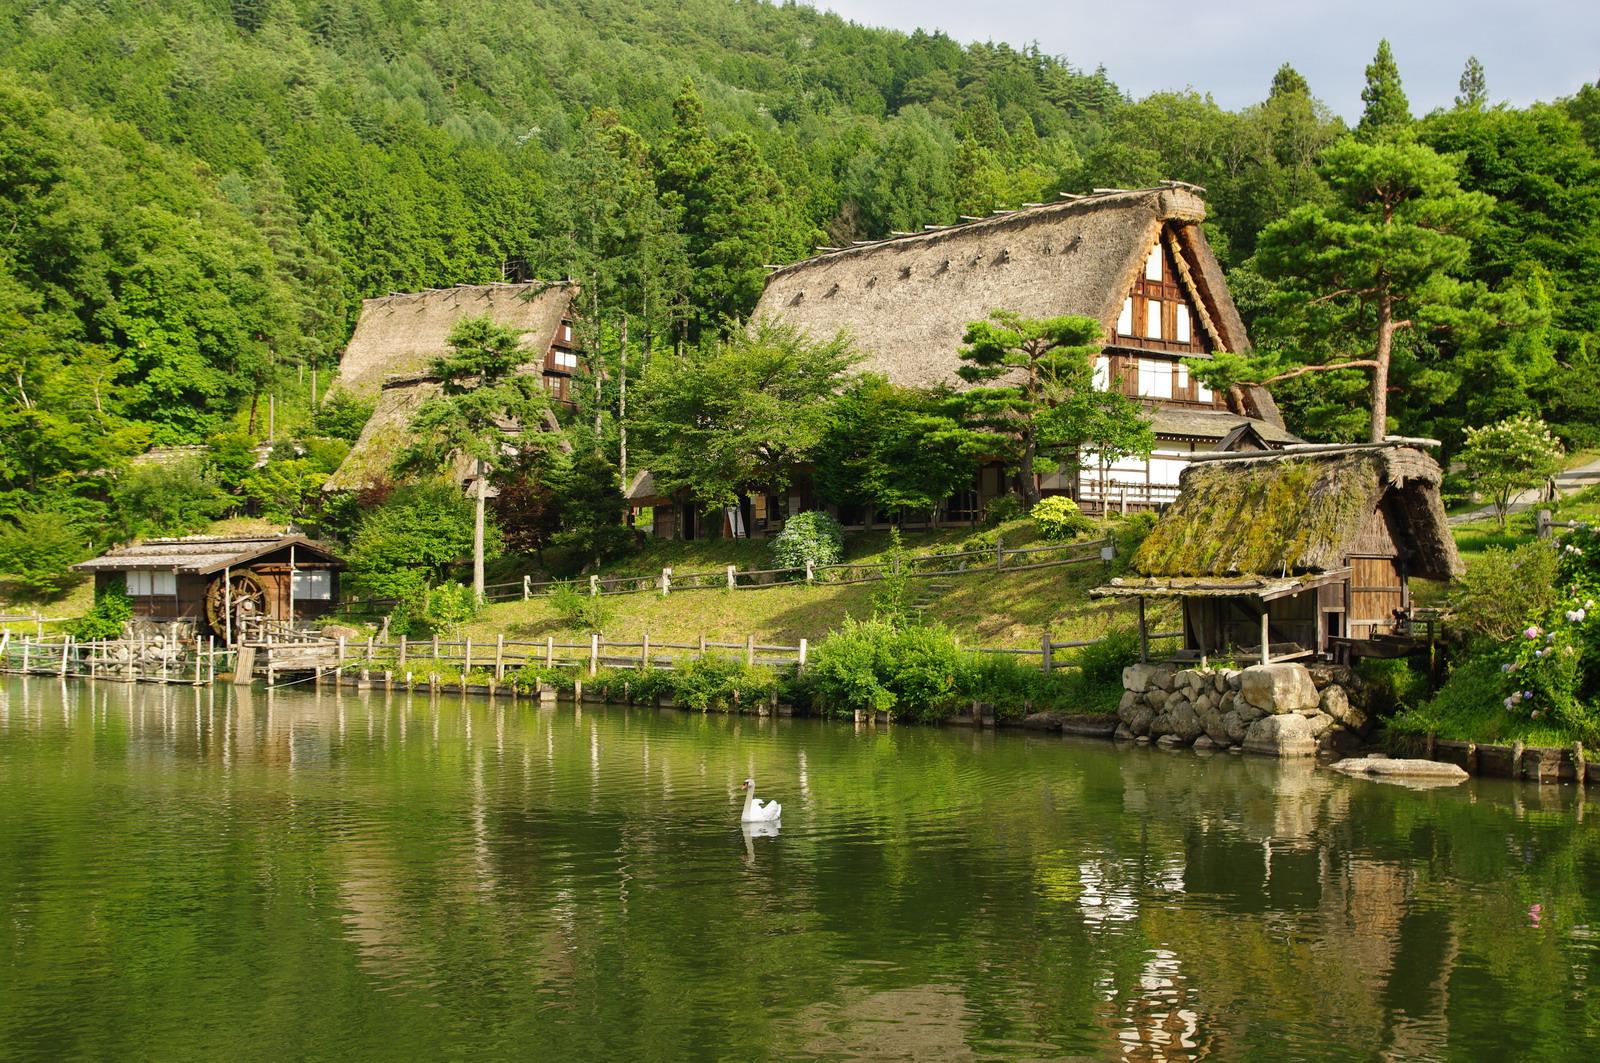 File:JP-Takayama-hida-no-sato-2.jpg - Wikimedia Commons